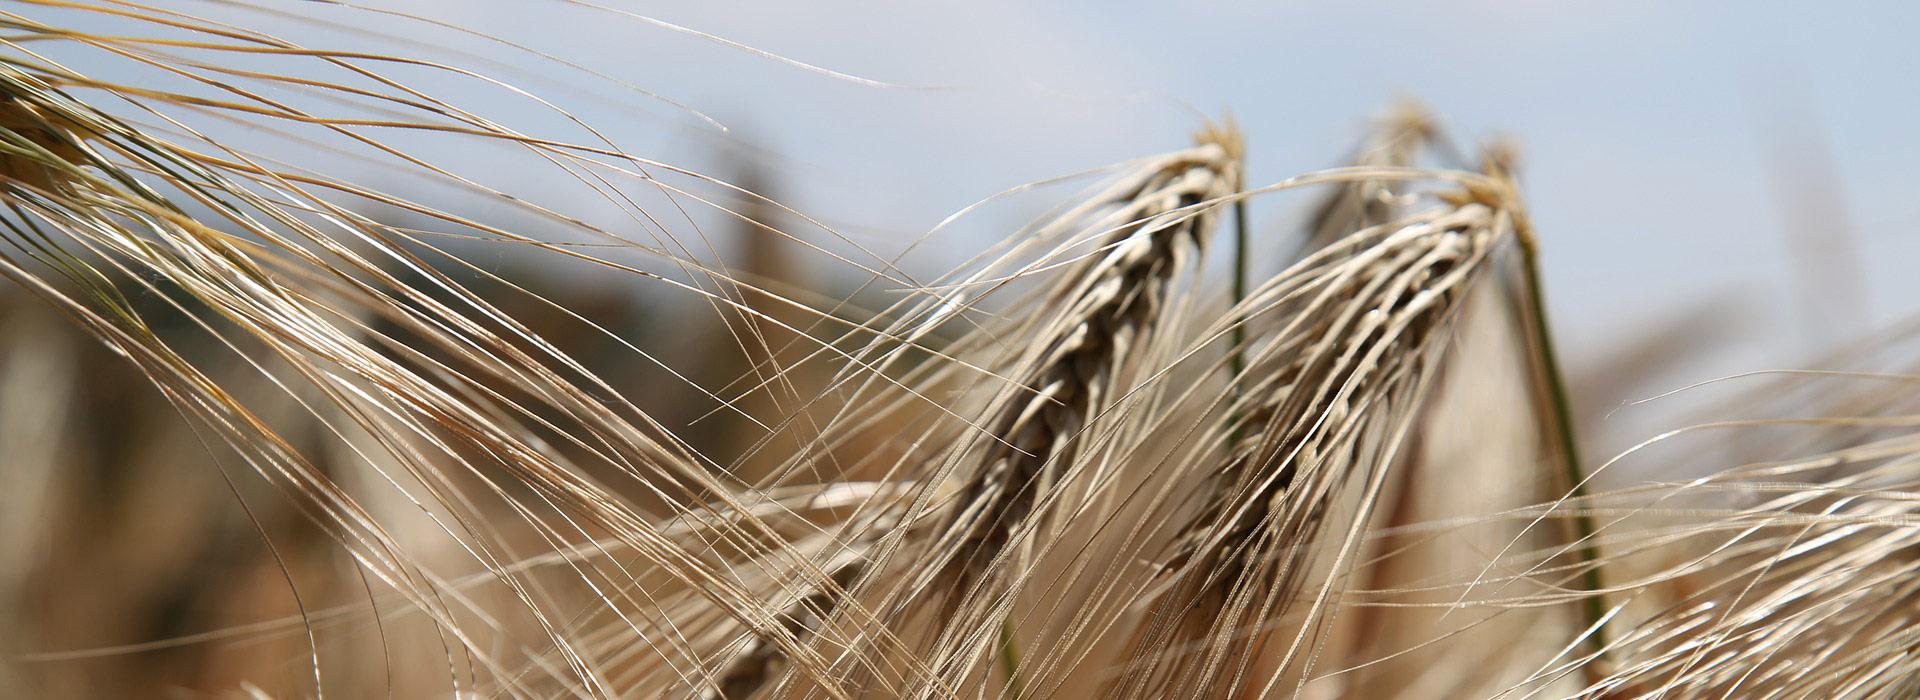 Dossier : Les intérêts et limites du sans Gluten - 1ère partie